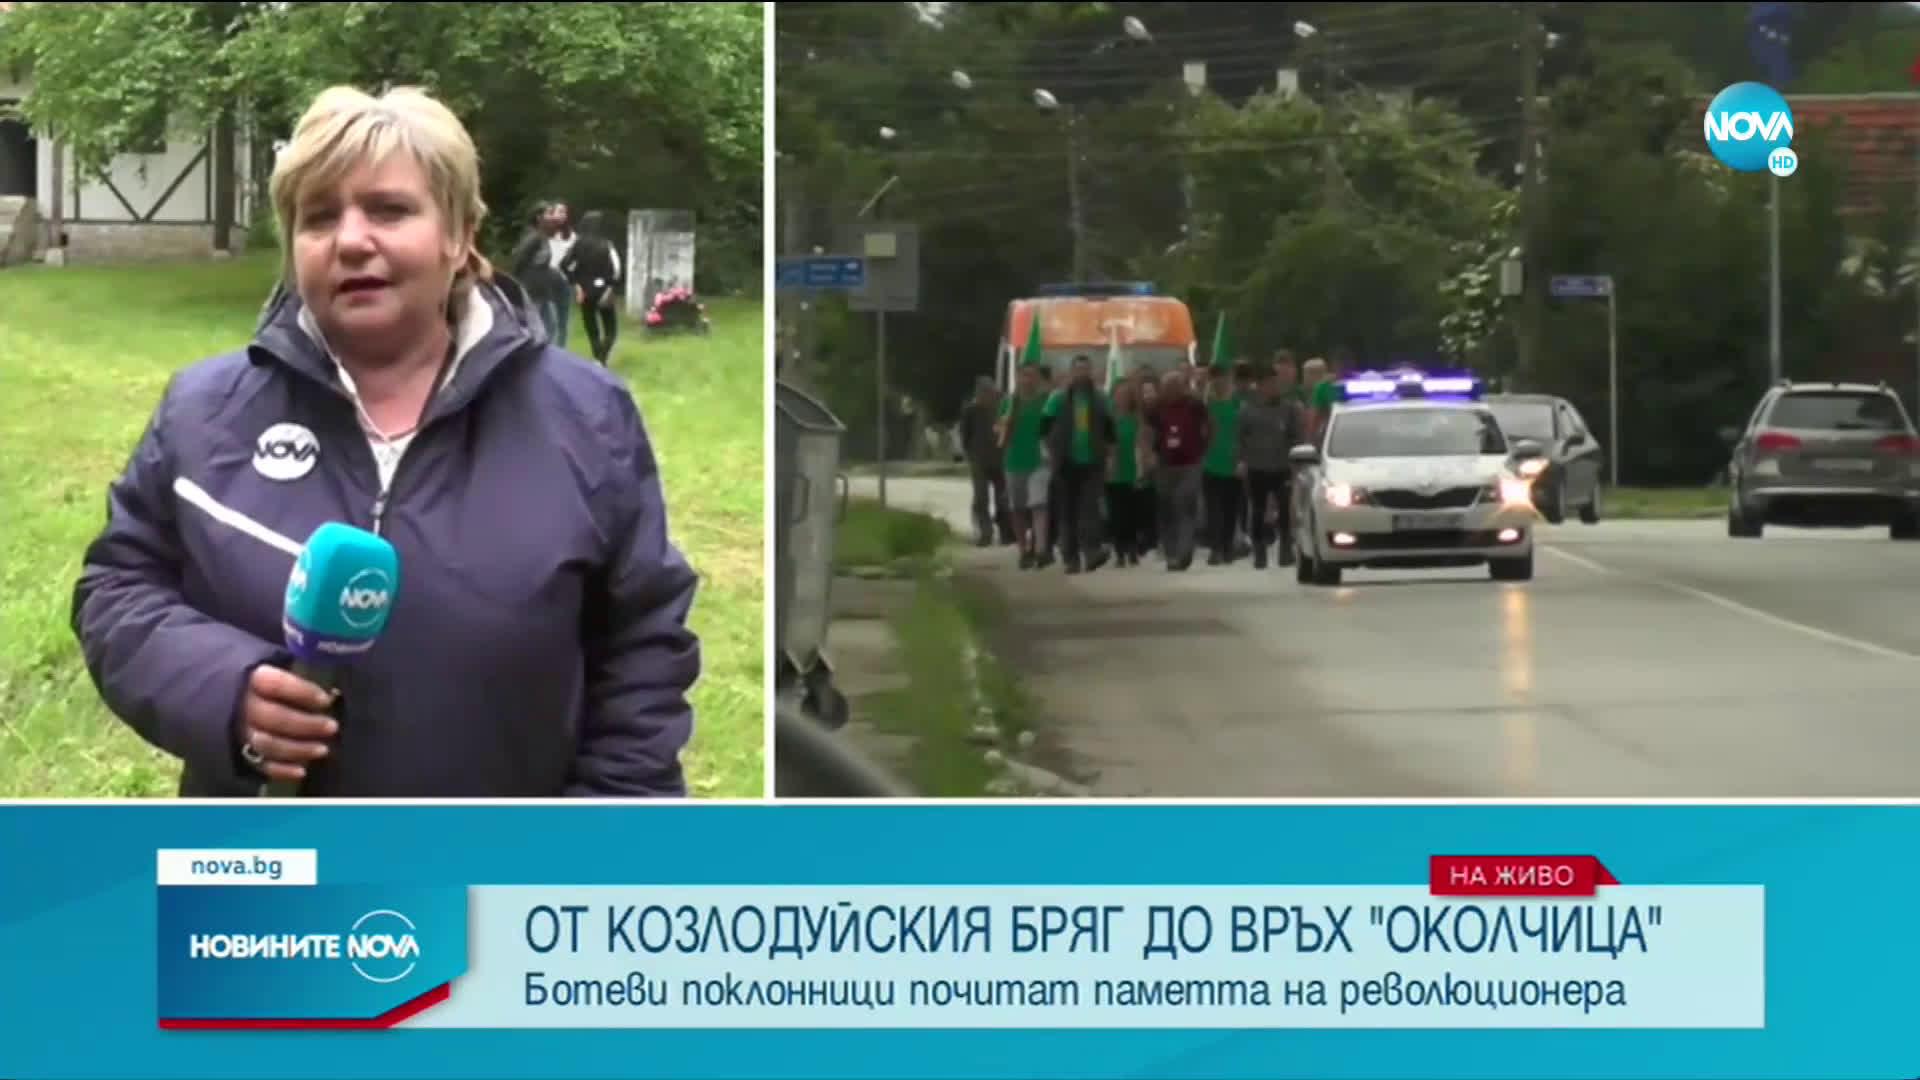 Ботеви поклонници тръгнаха на поход от Козлодуй до връх Околчица